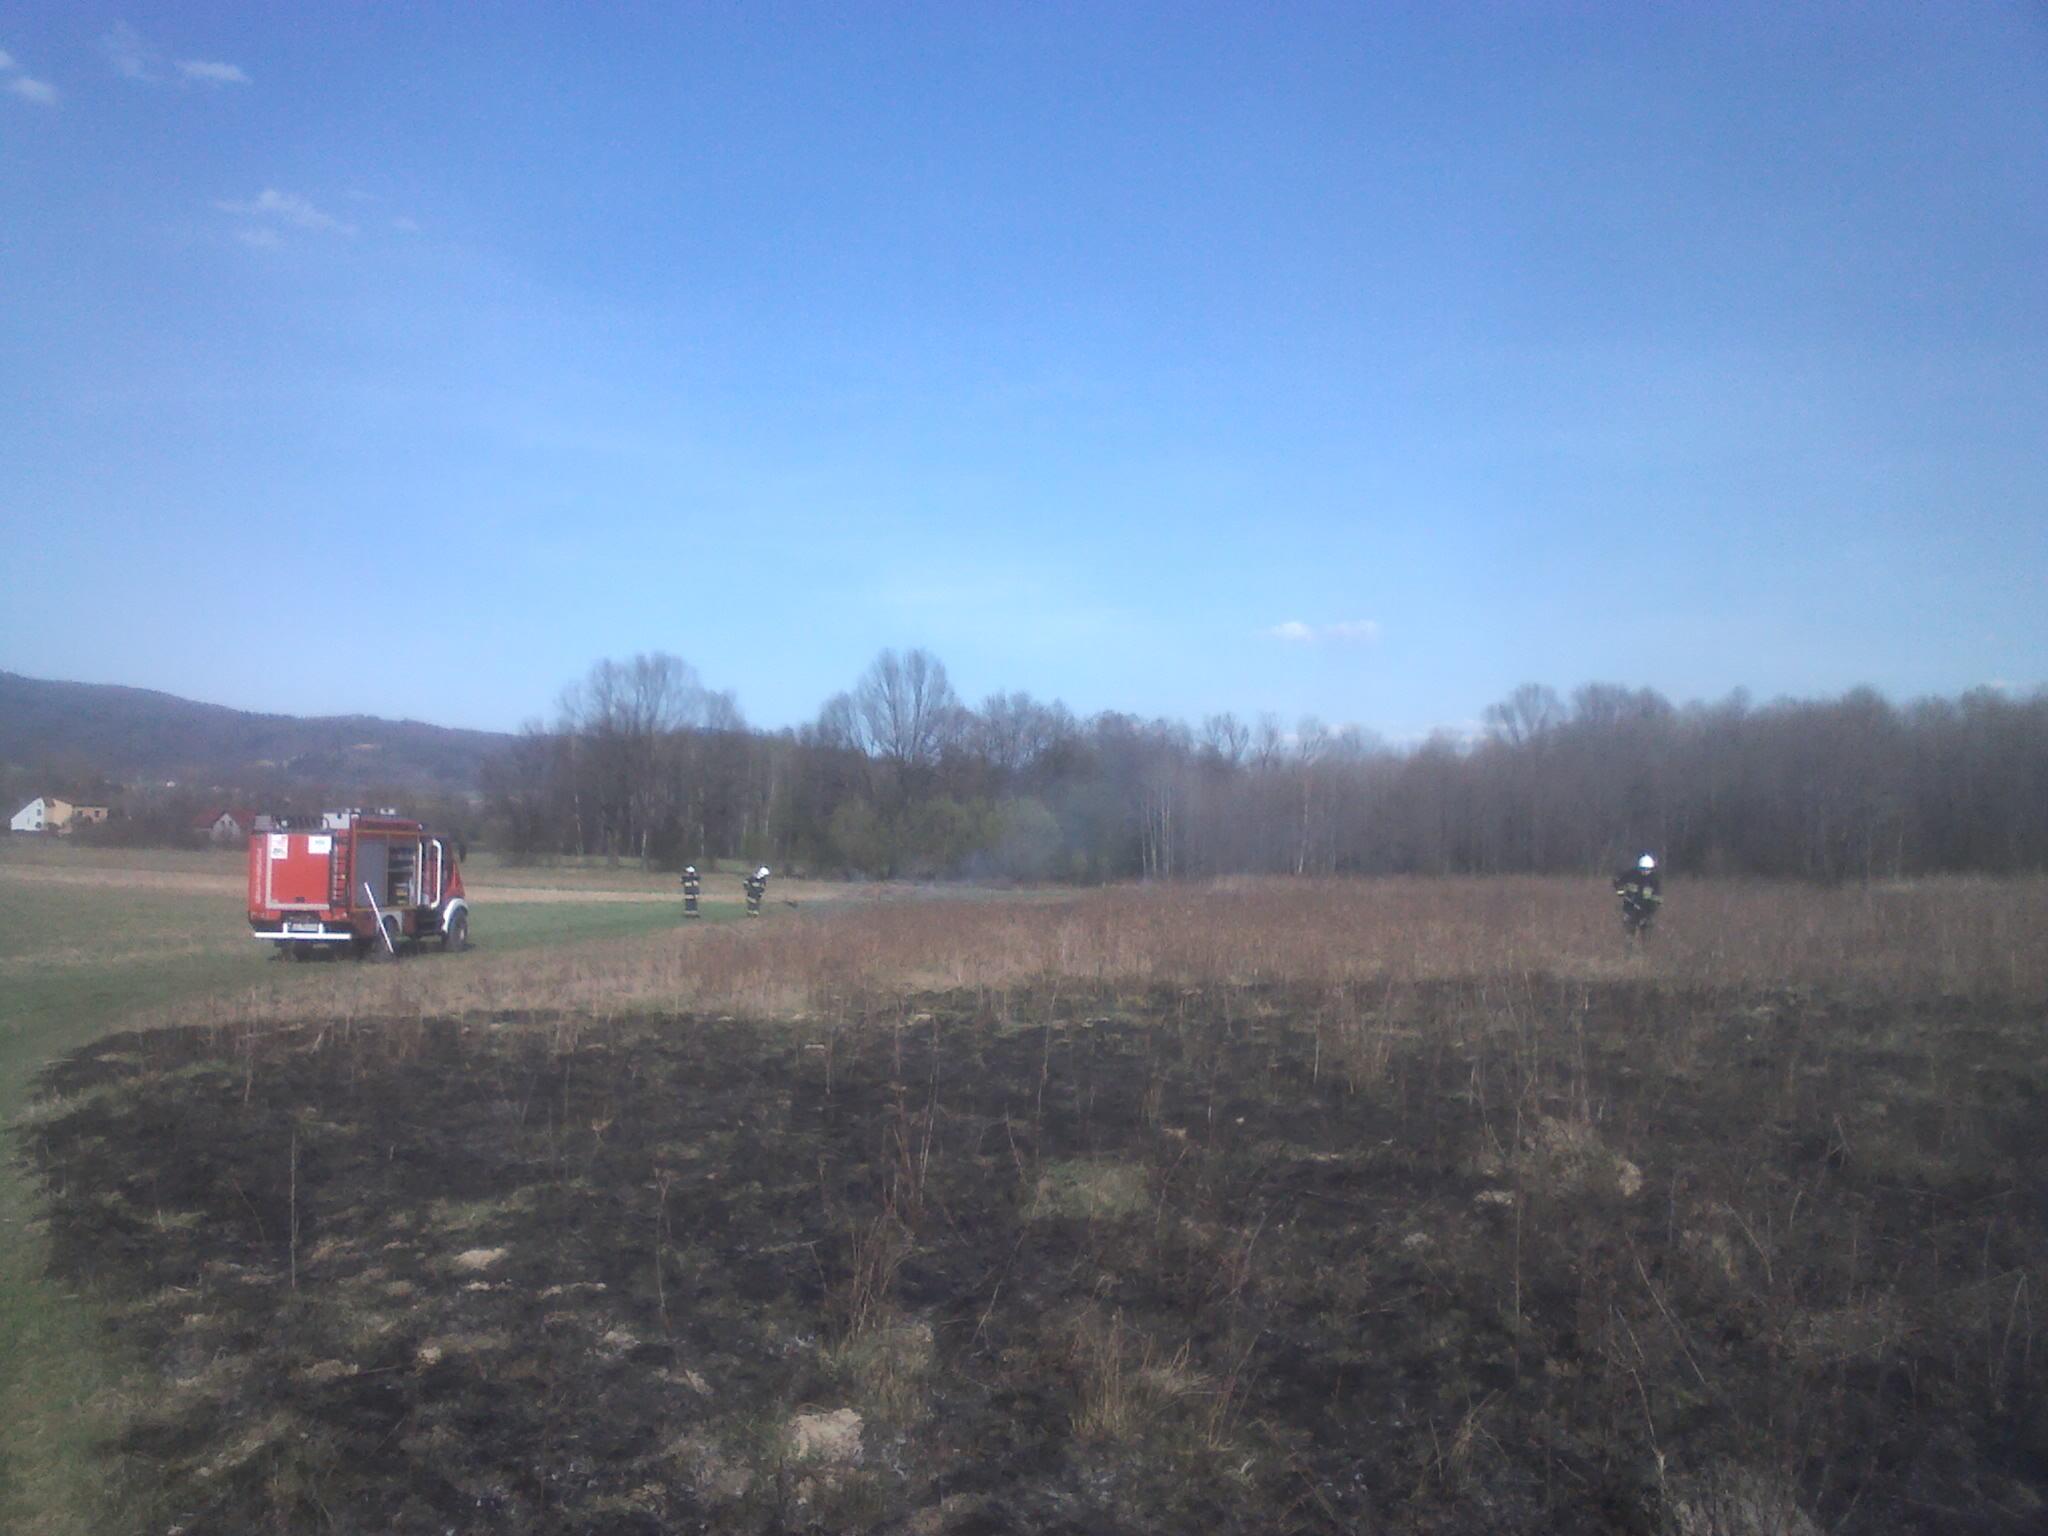 Ugaszanie pożaru traw - na zdjęciu samochód strażacki i trzech strażaków